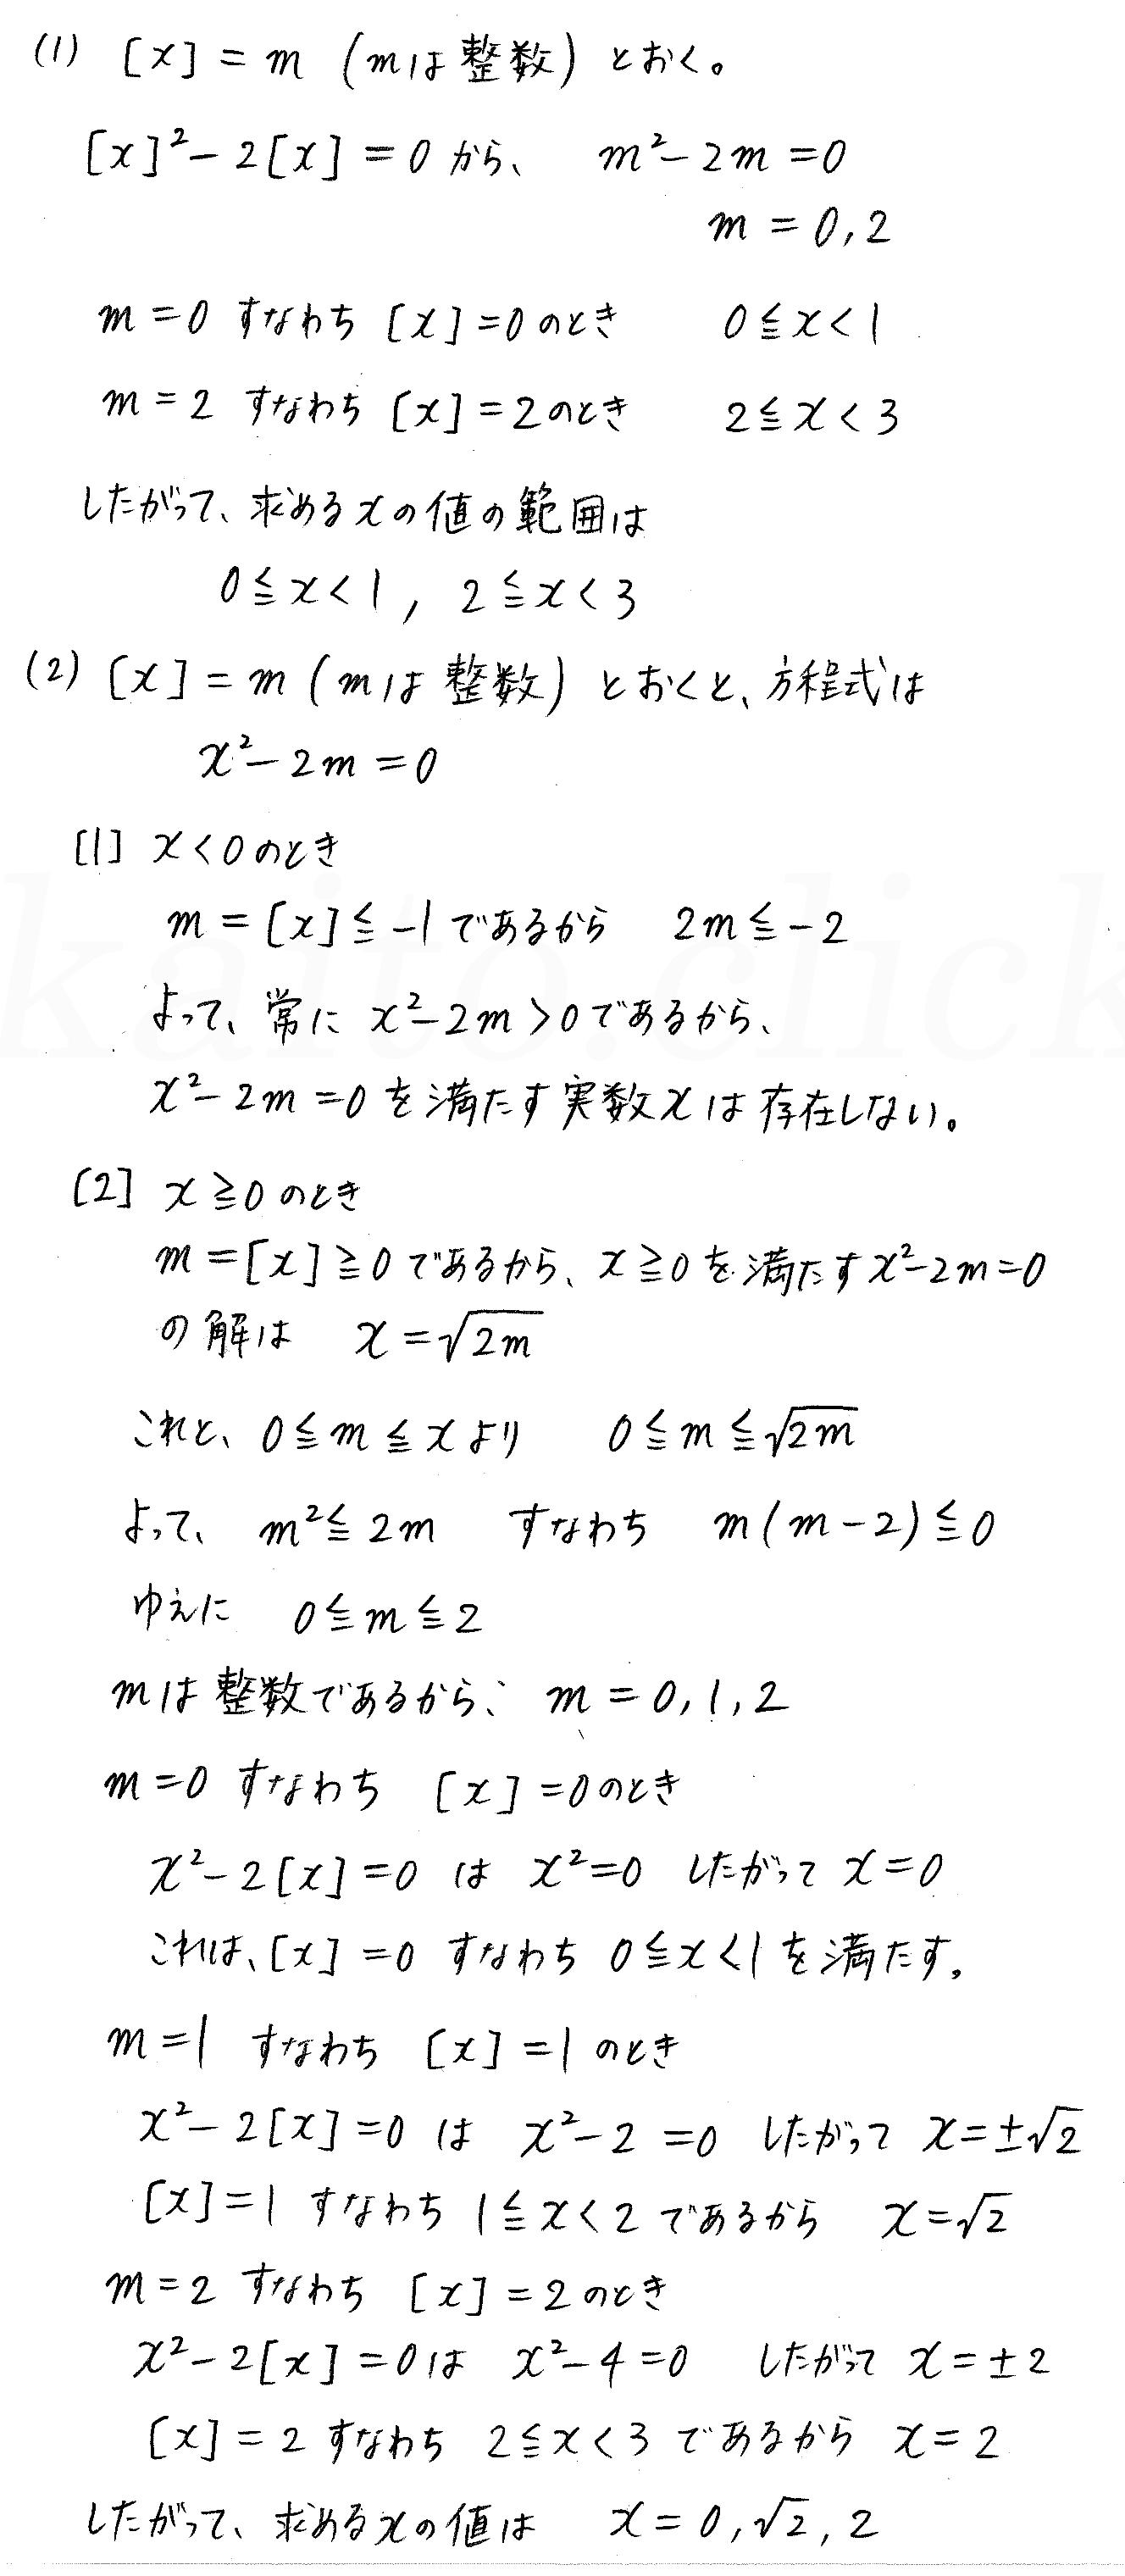 クリアー数学演習12AB受験編-19解答